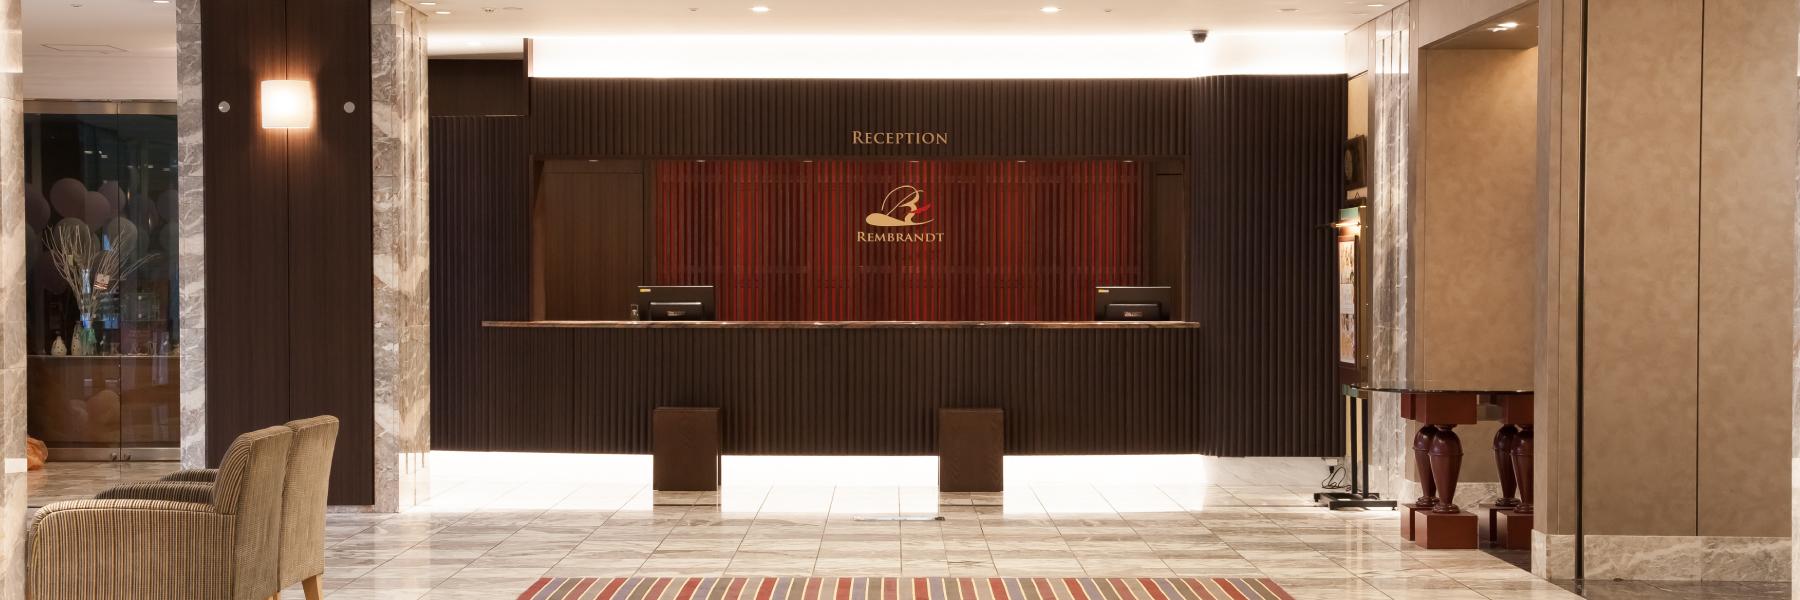 5月1日「アルエット」移転オープン!|新着情報【公式】レンブラントホテル海老名